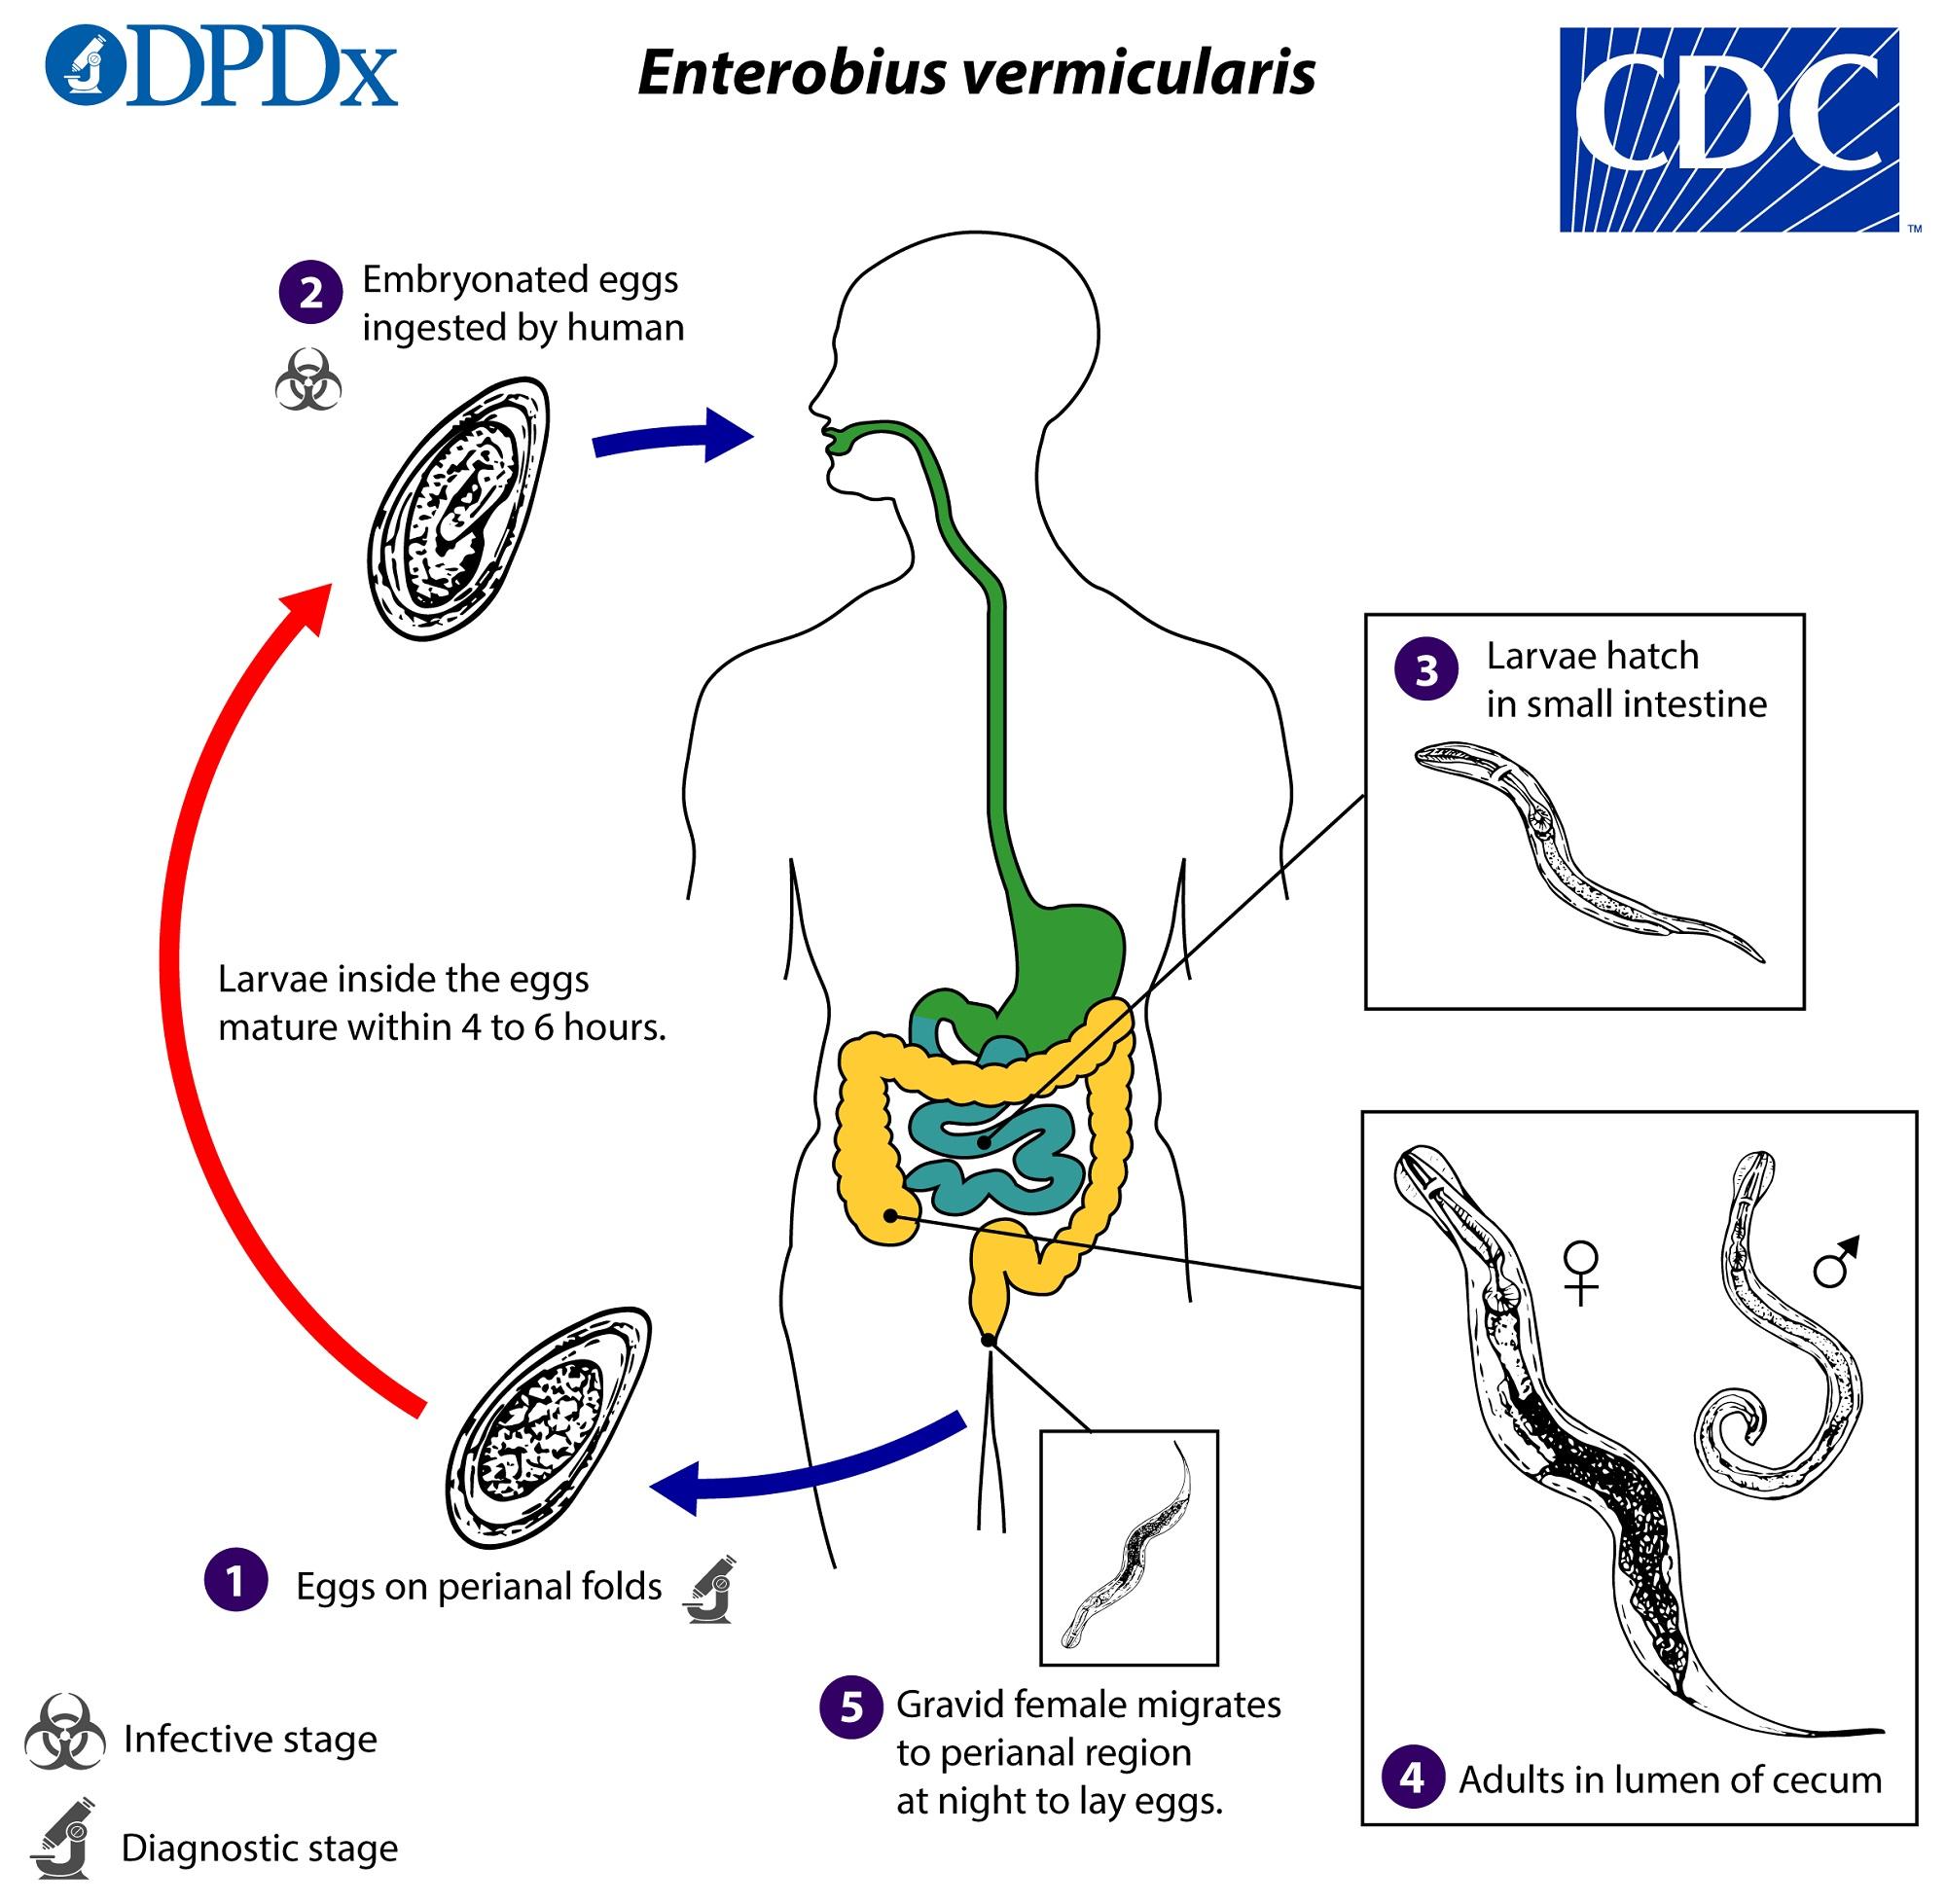 Enterobiosis pozitív mit kell tenni, Az enterobiasis okai